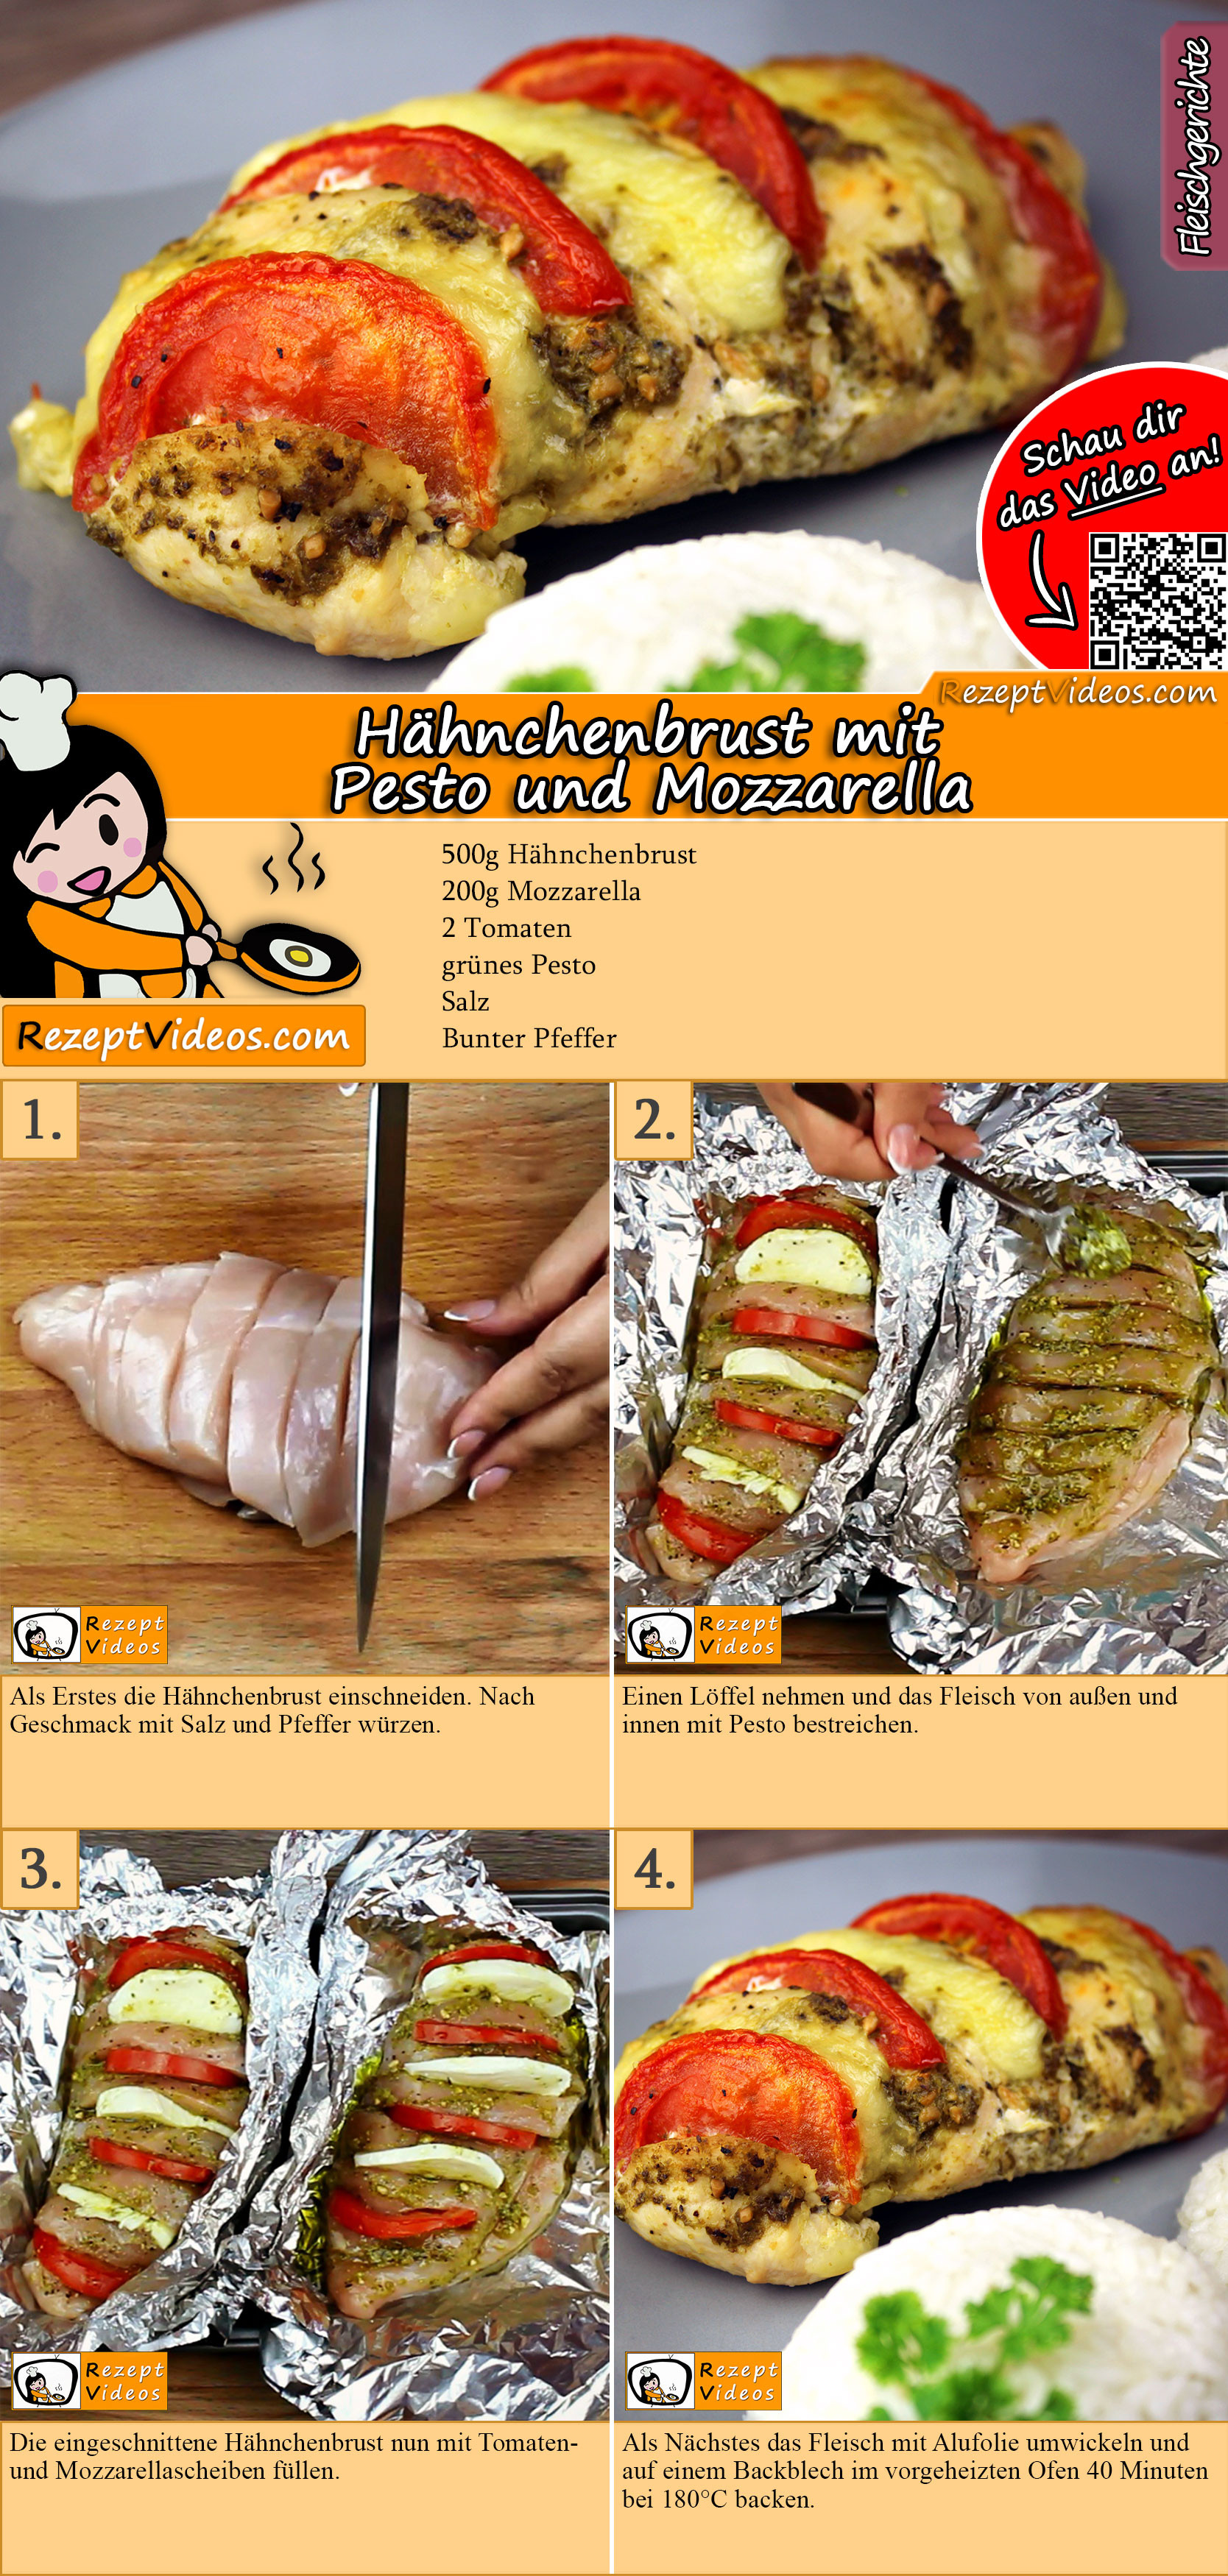 Hähnchenbrust mit Pesto und Mozzarella Rezept mit Video